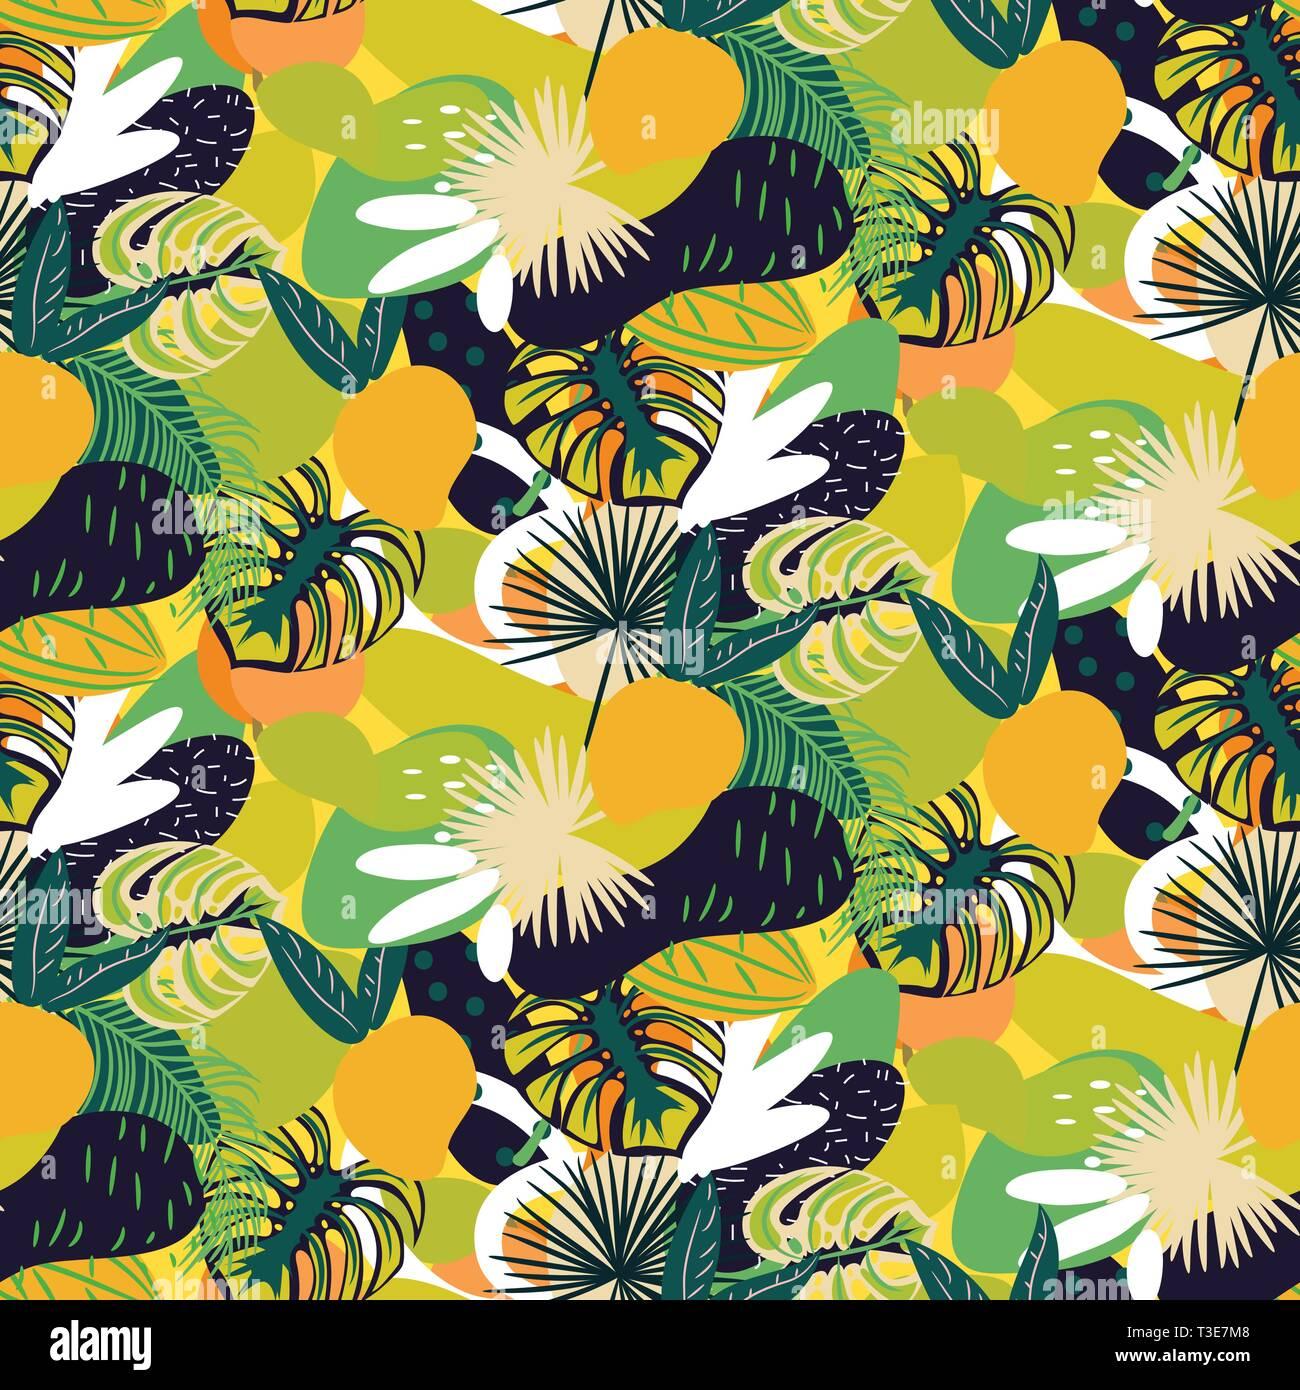 Tropische Früchte nahtlose saftige Muster. Grün hell abstrakte Textur vektor Hintergrund. Stock Vektor